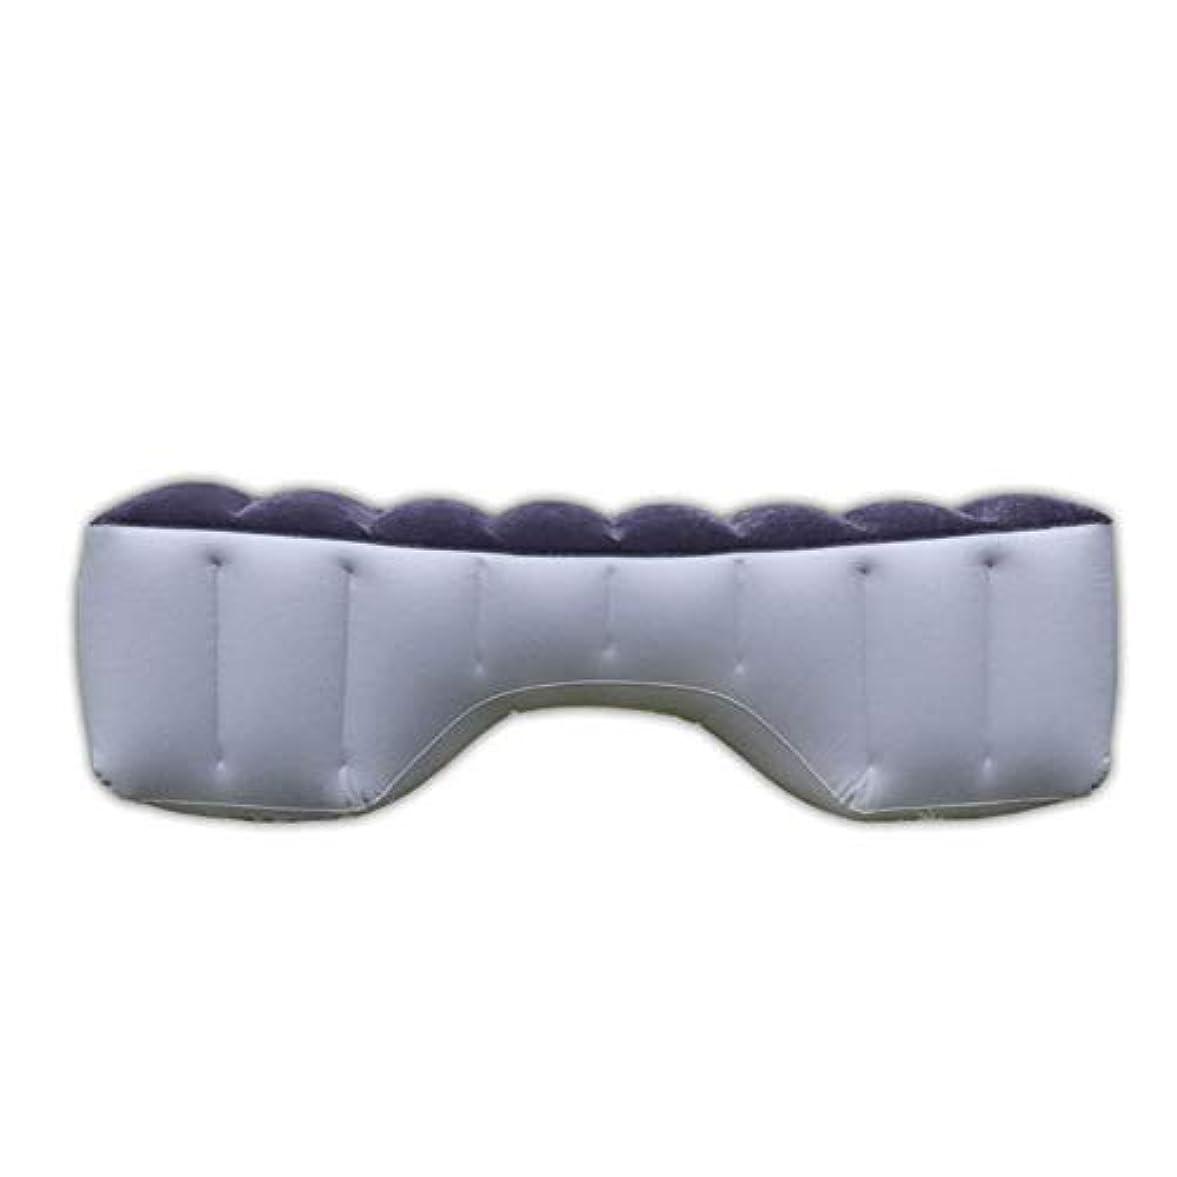 パウダーニュージーランド適格BXXU爪切りセットステンレス鋼ブラックペディキュアはさみピンセットマニキュアセットツールセット爪マニキュアツール